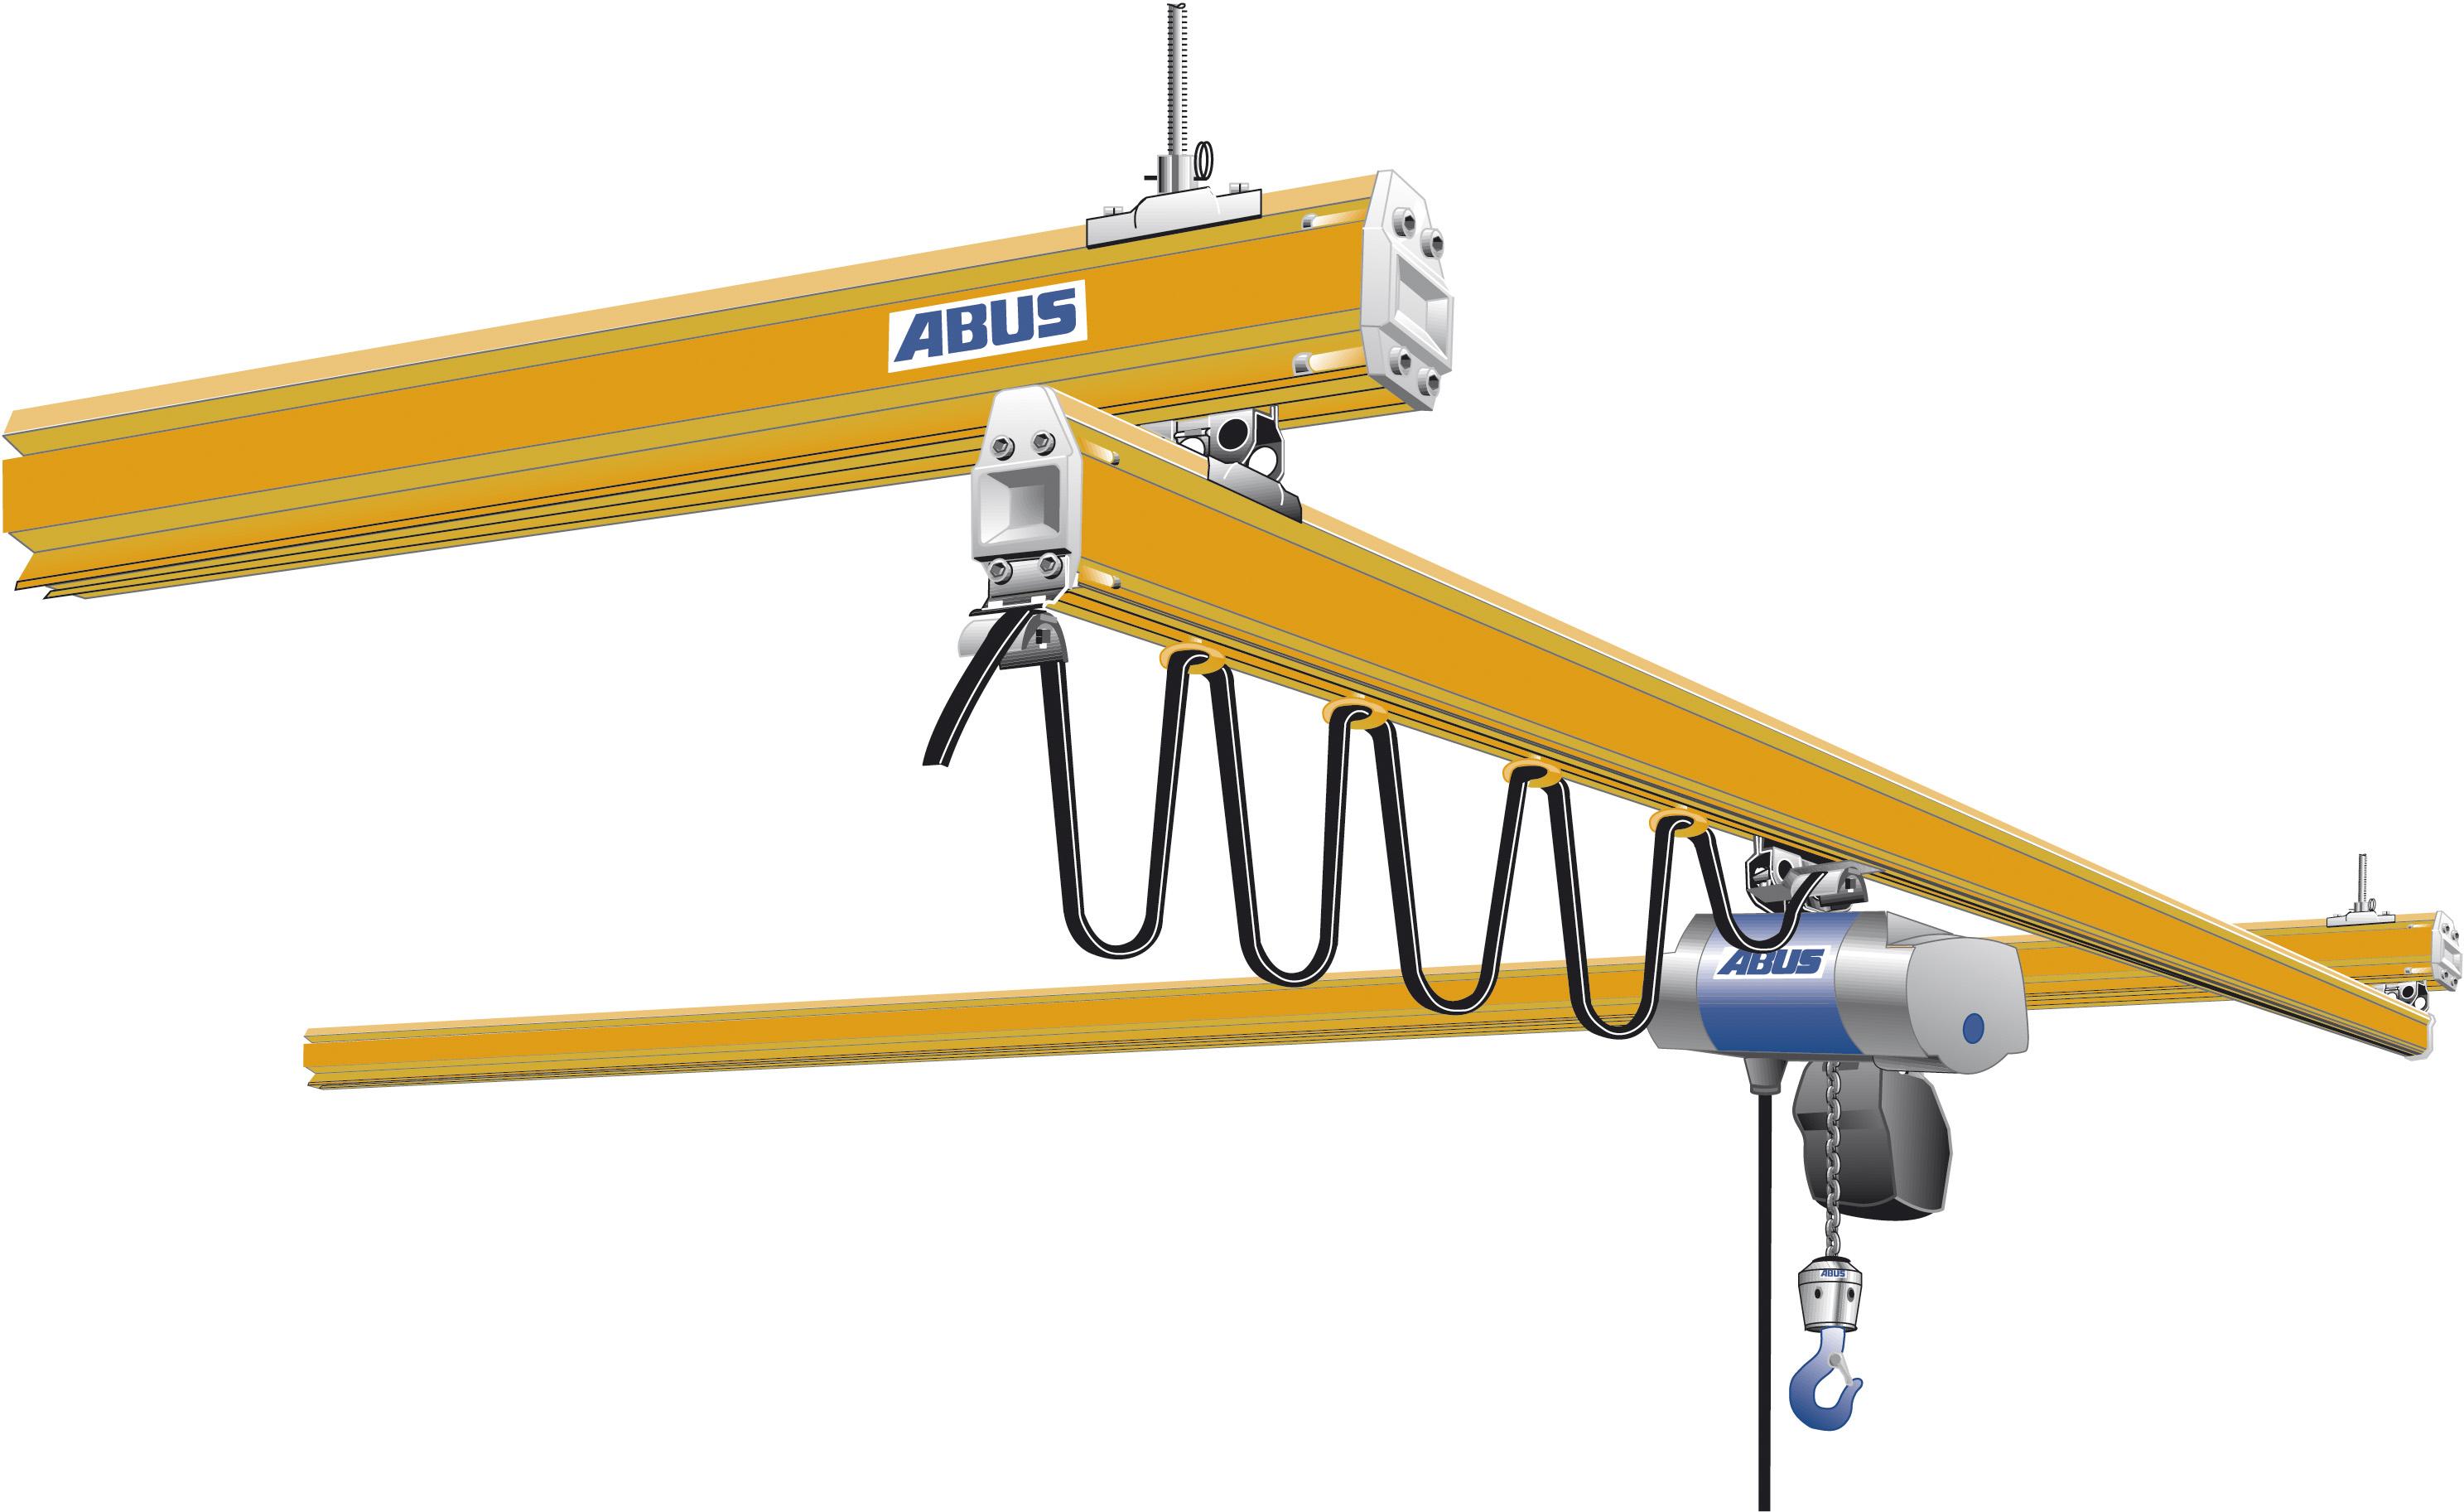 ABUS Hängebahn-System